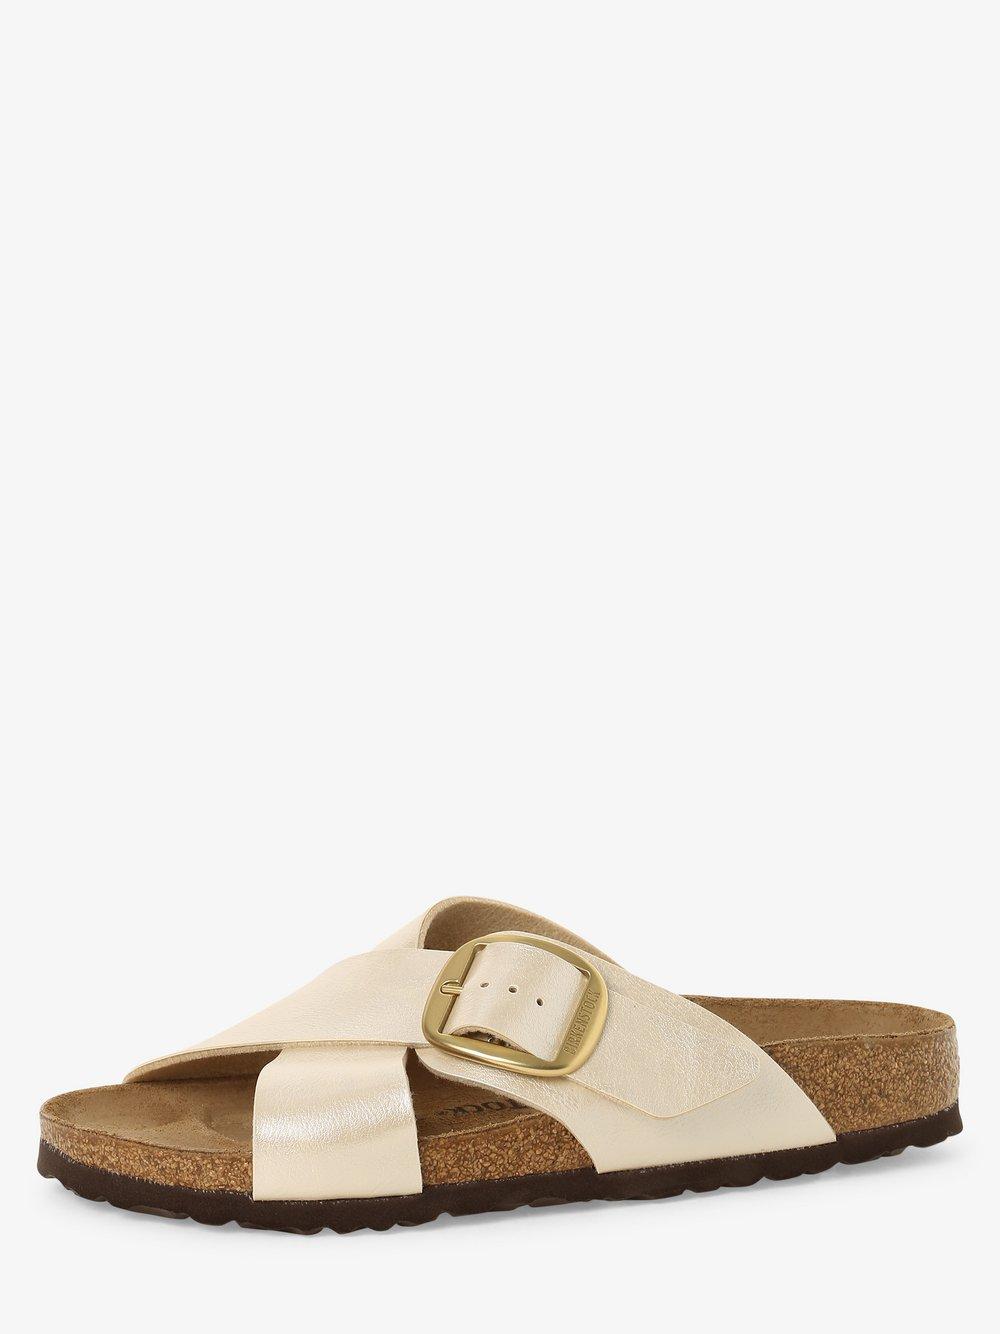 Birkenstock - Sandały damskie z dodatkiem skóry – Siena Big Buckle, beżowy